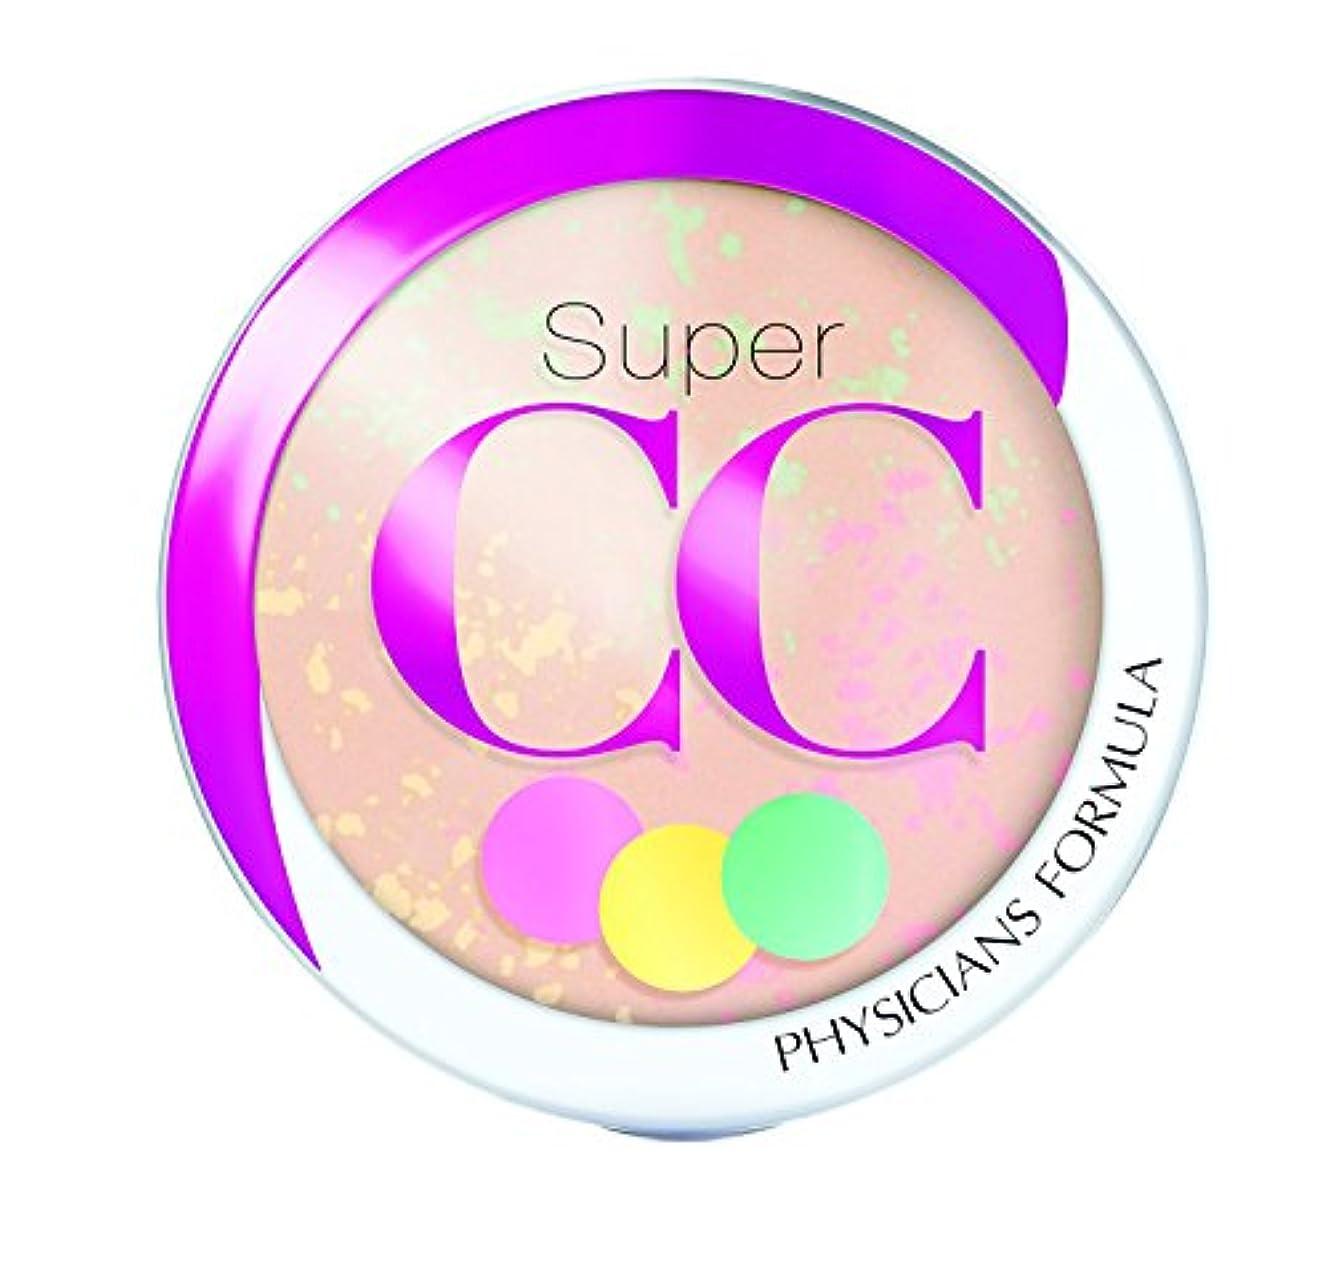 PHYSICIANS FORMULA Super CC+ Color-Correction + Care CC+ Powder SPF 30 - Light/Medium